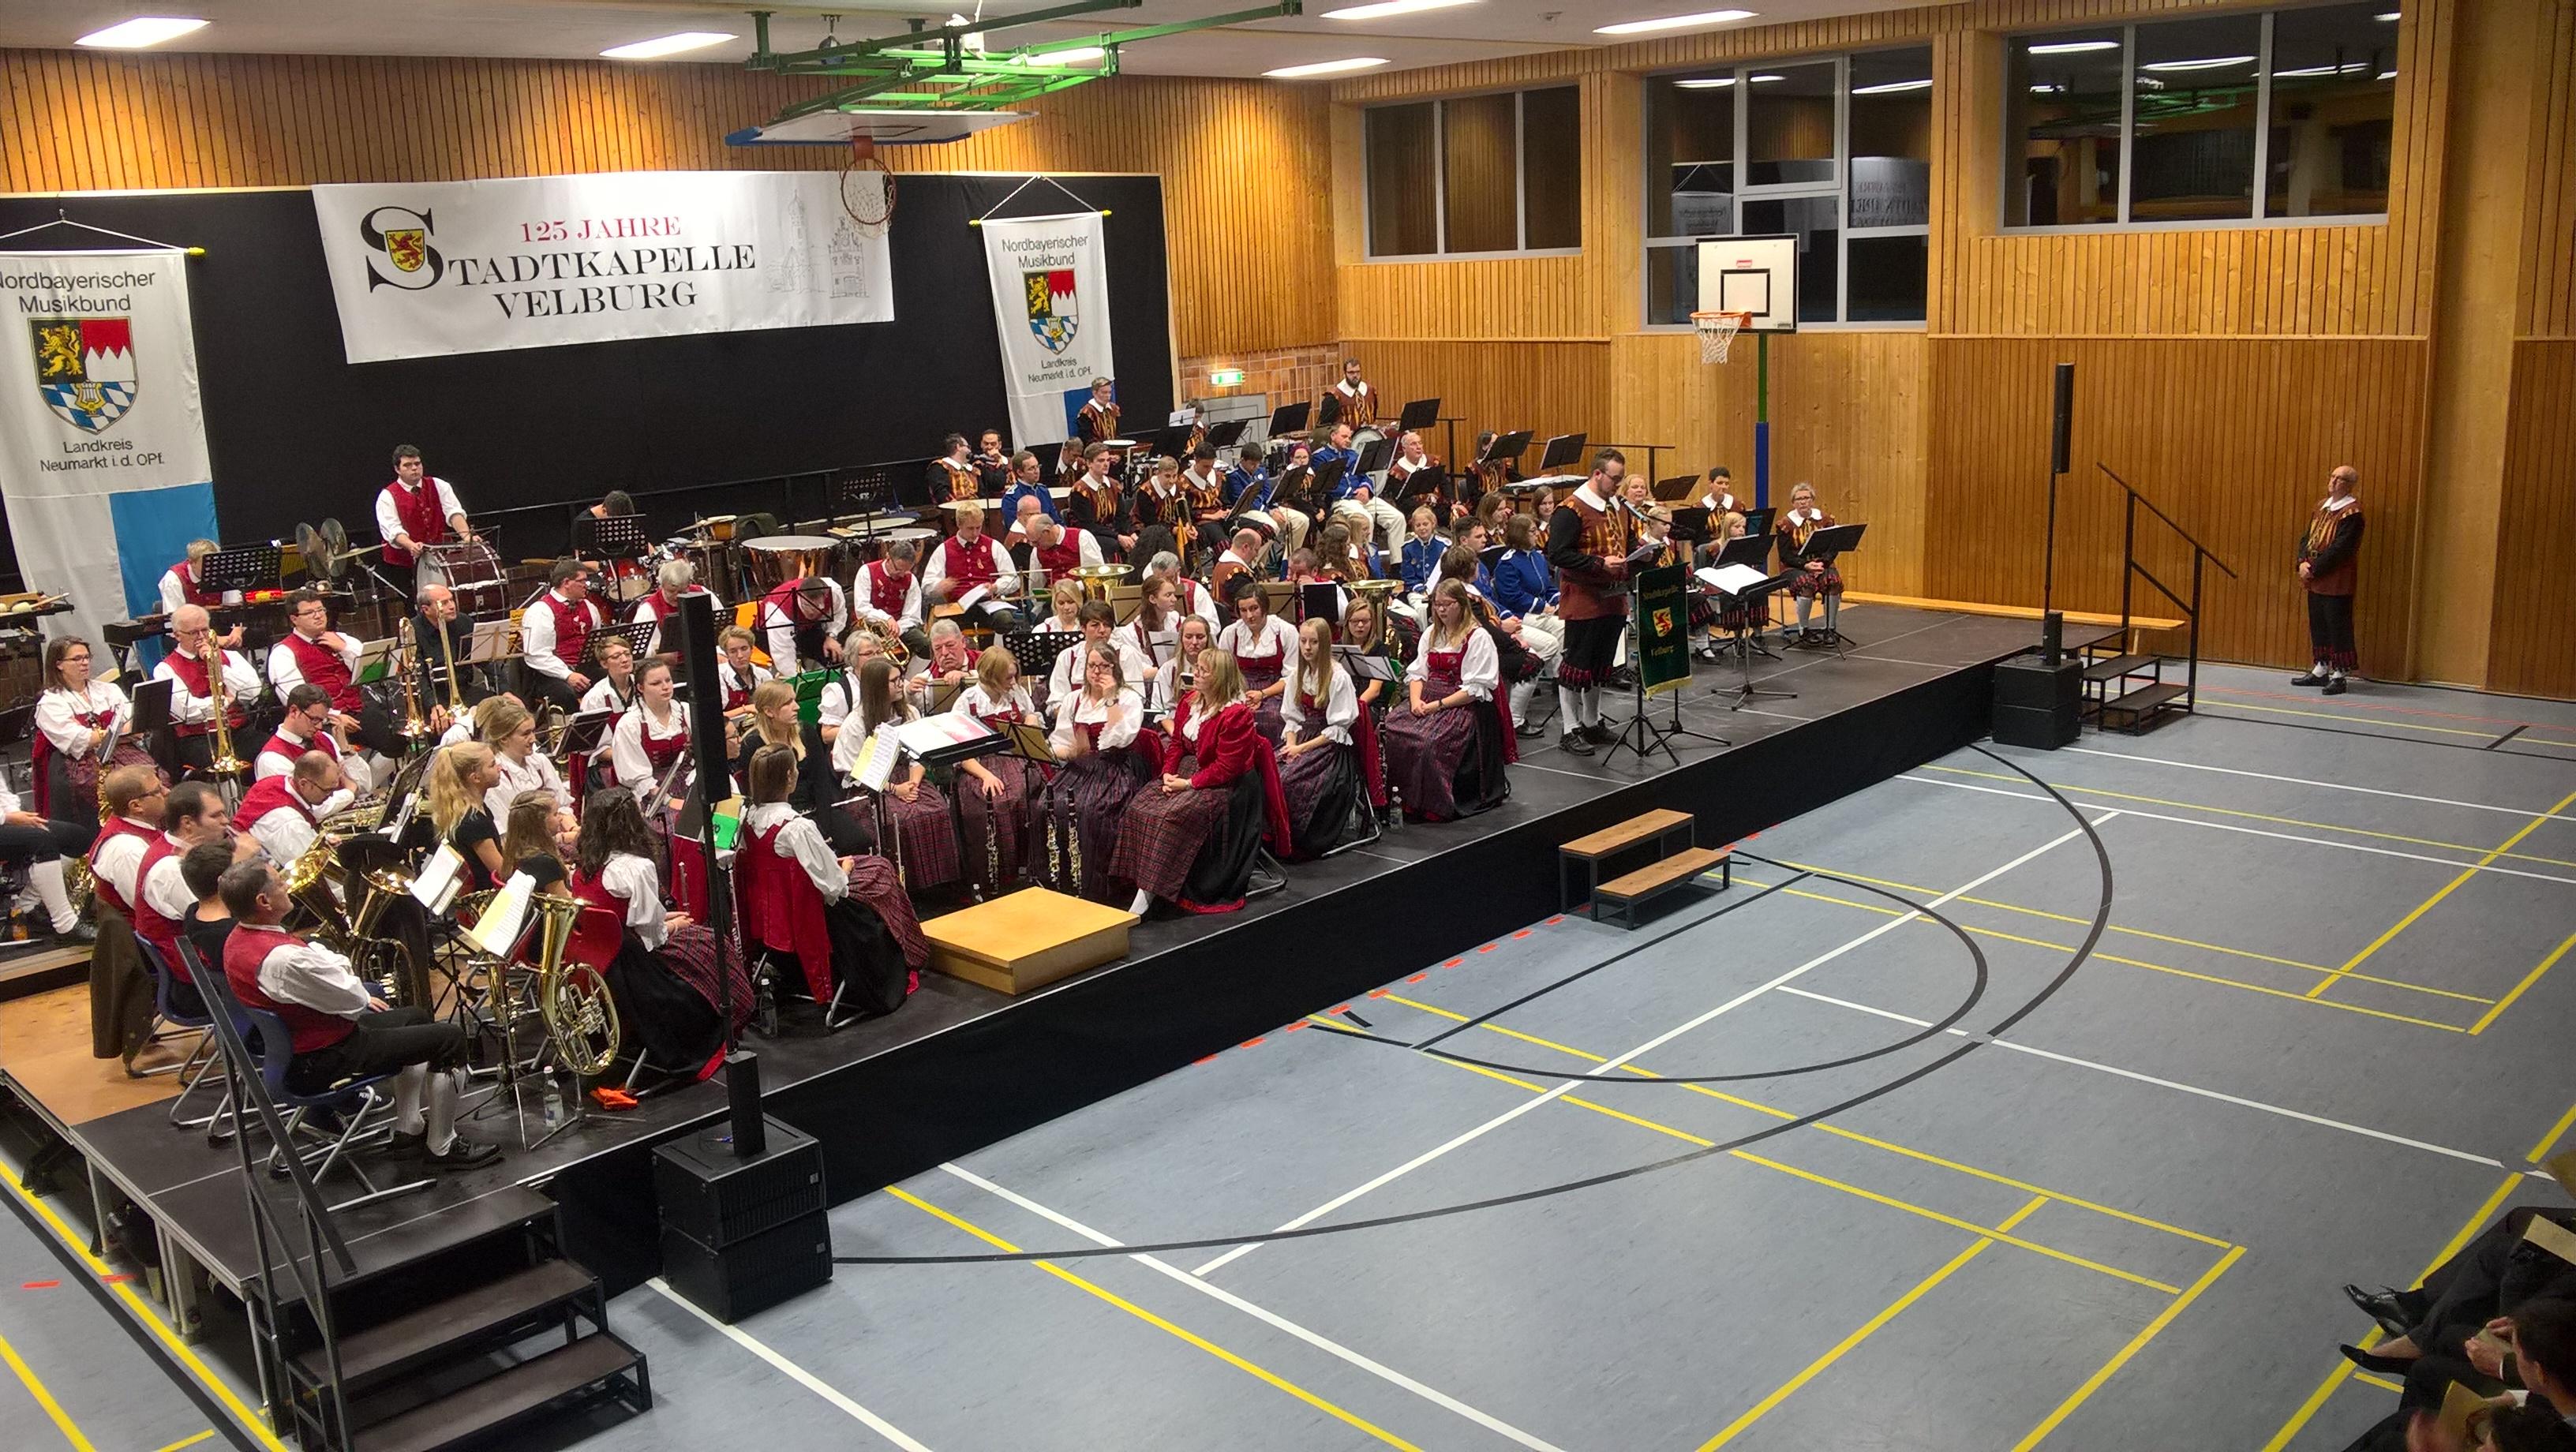 Stadtkapelle Velburg, Spielmannszug Lupburg feat. Spielmannszug Hemau